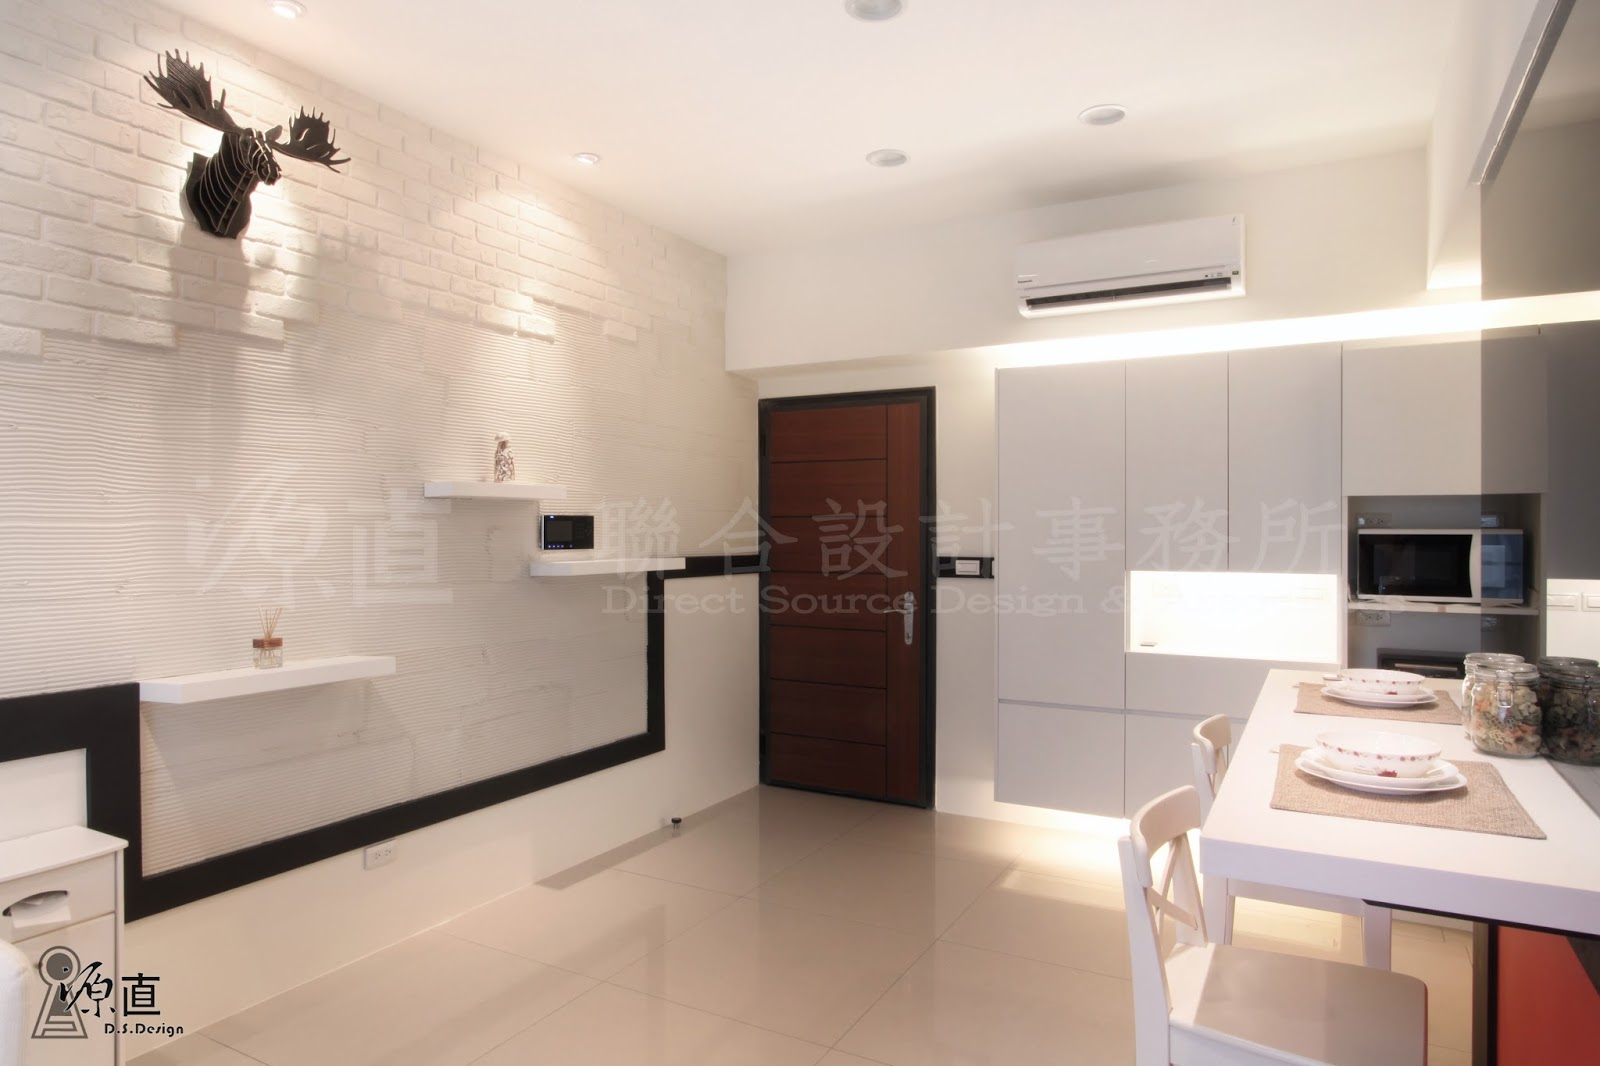 源直聯合設計事務所(室內設計 建築規劃 空間設計 商空設計 系統家具 裝潢